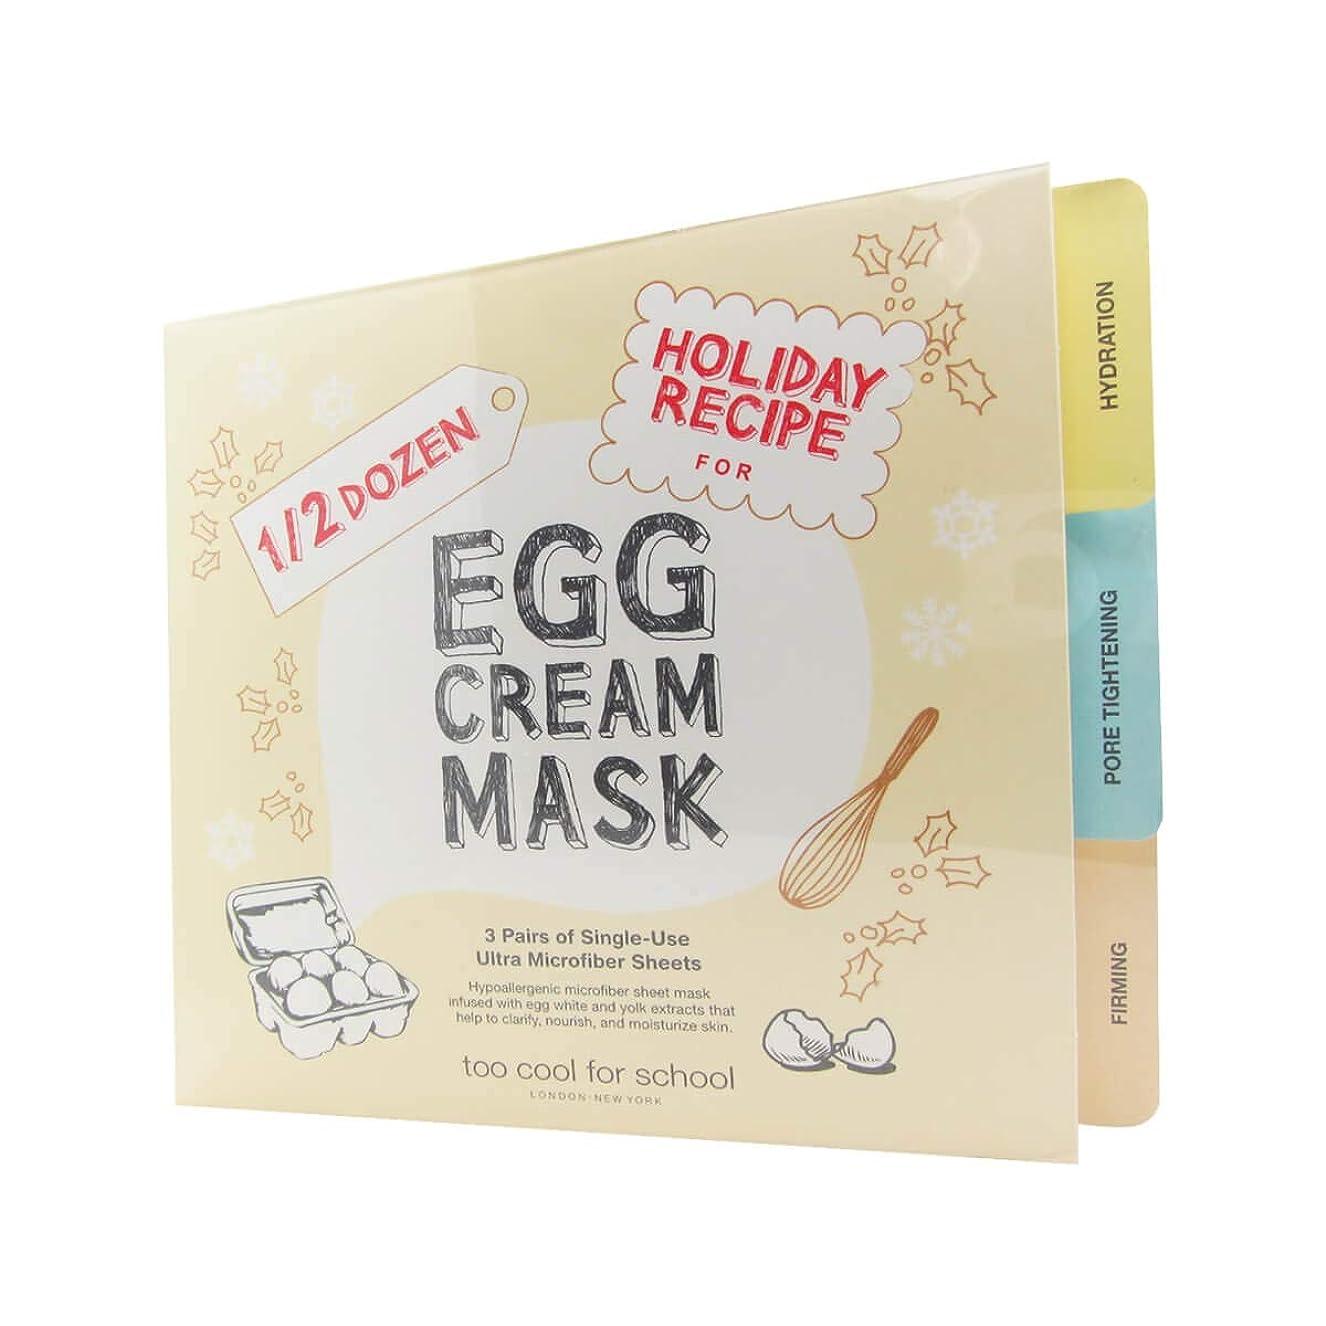 割り込みつらい専門学校にはあまりにもクール1/2ダースエッグクリームマスク